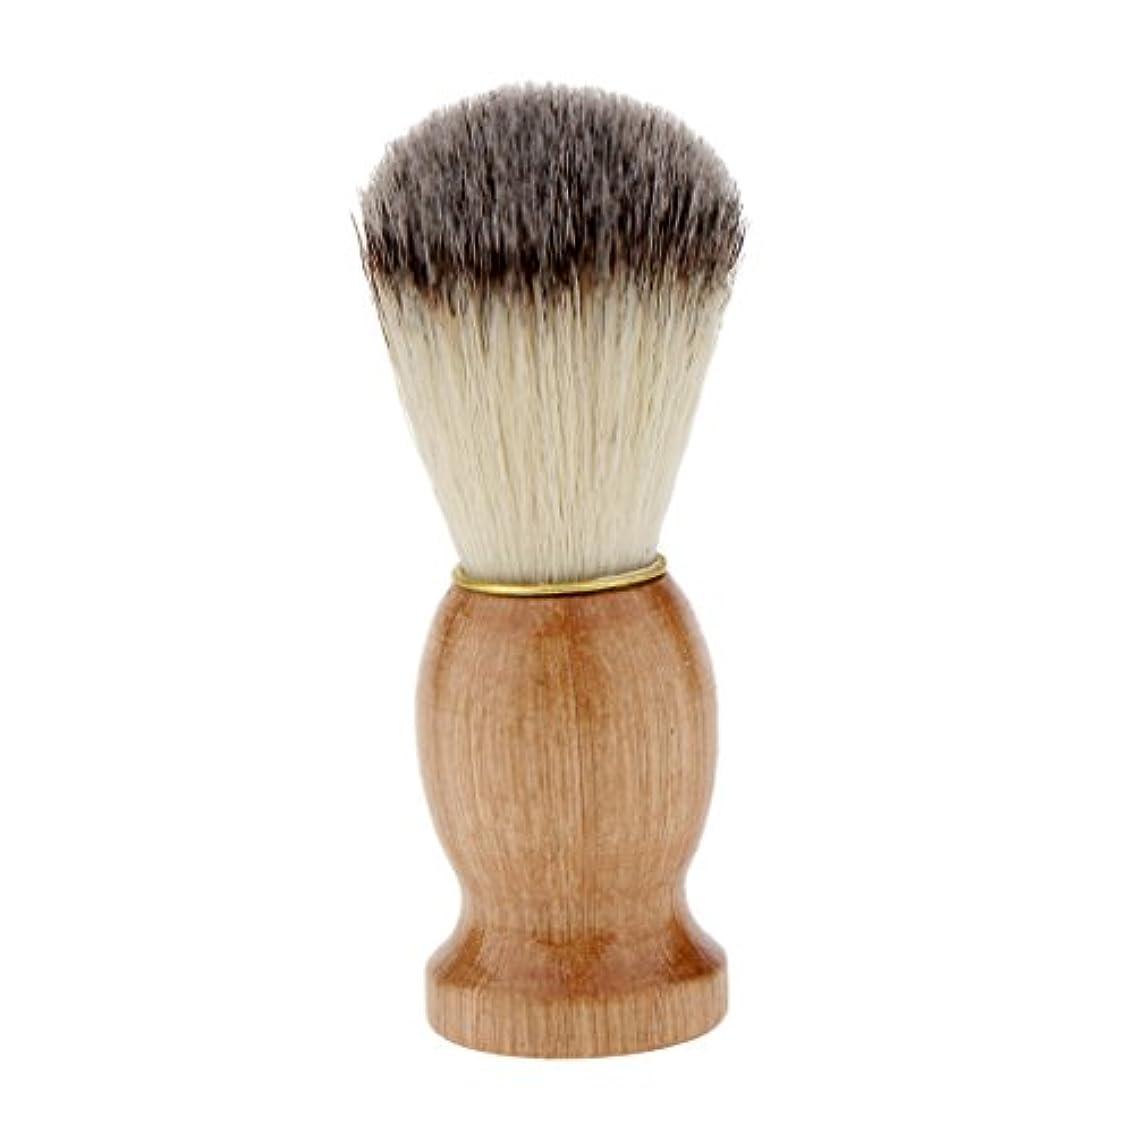 ハンマー可愛いガードKesoto シェービングブラシ コスメブラシ 木製ハンドル メンズ ひげ剃りブラシ クレンジング